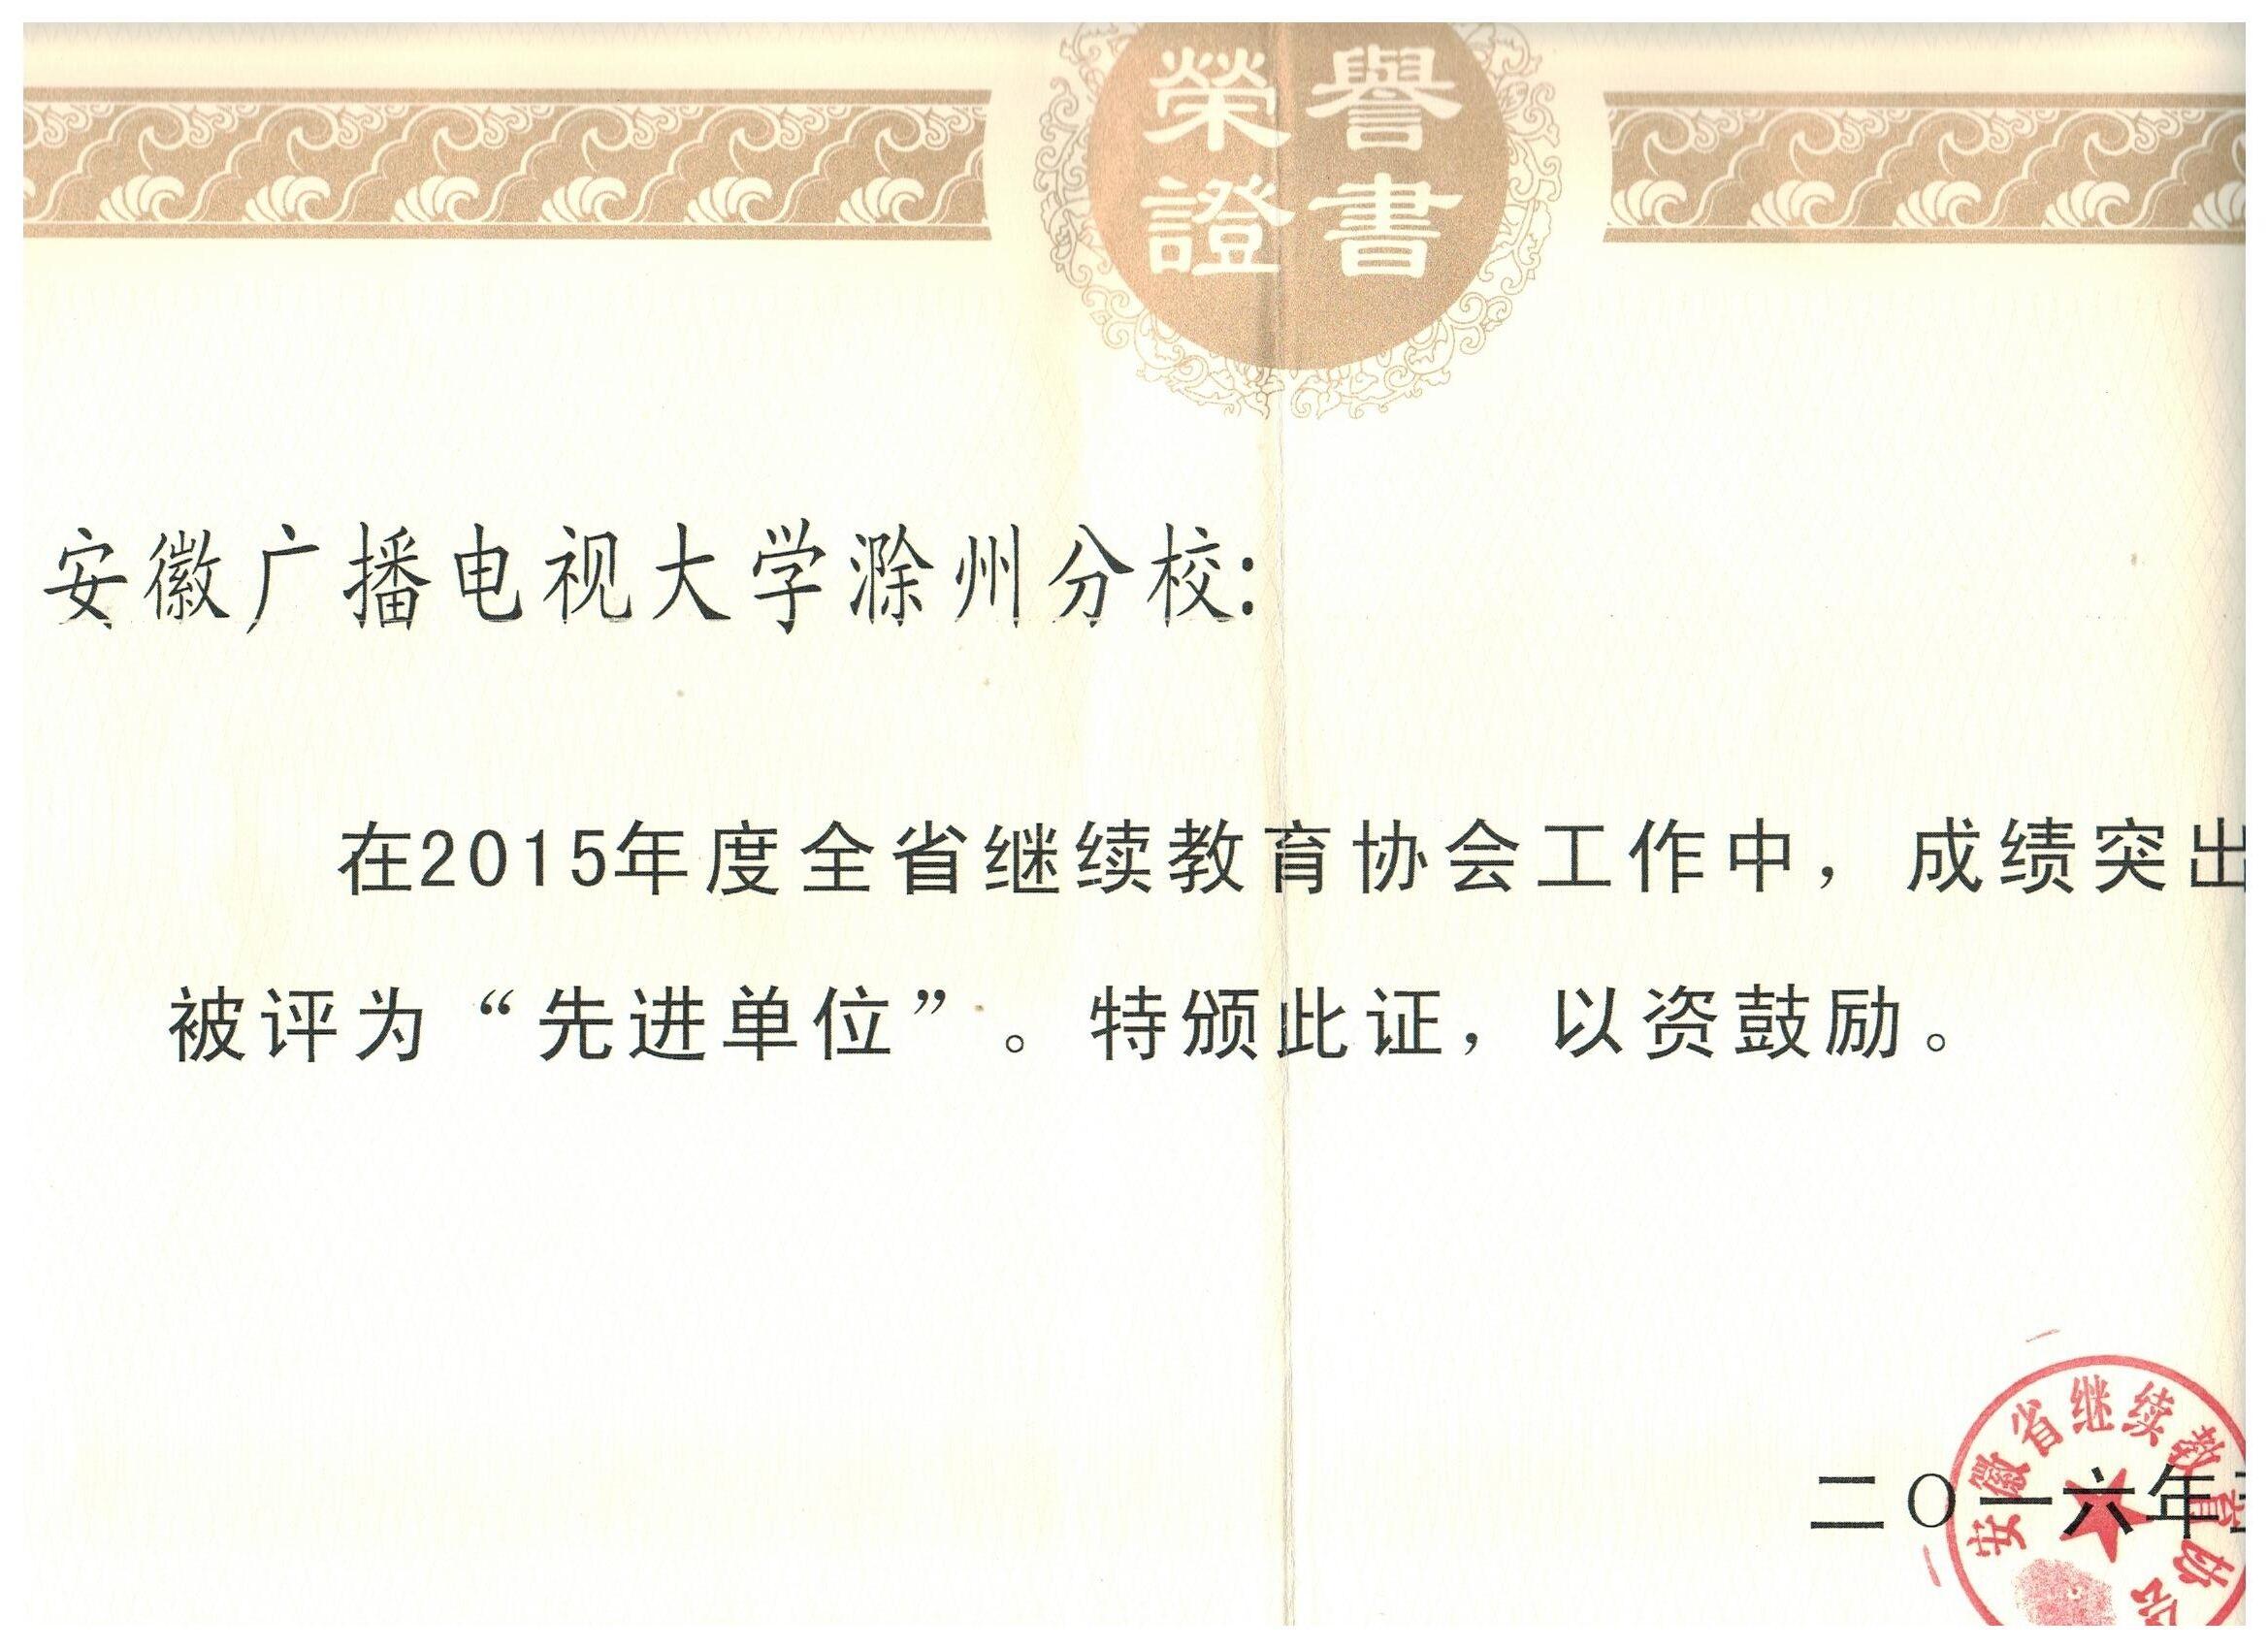 滁州电大喜获全省2015年度继续教育工作先进单位称号